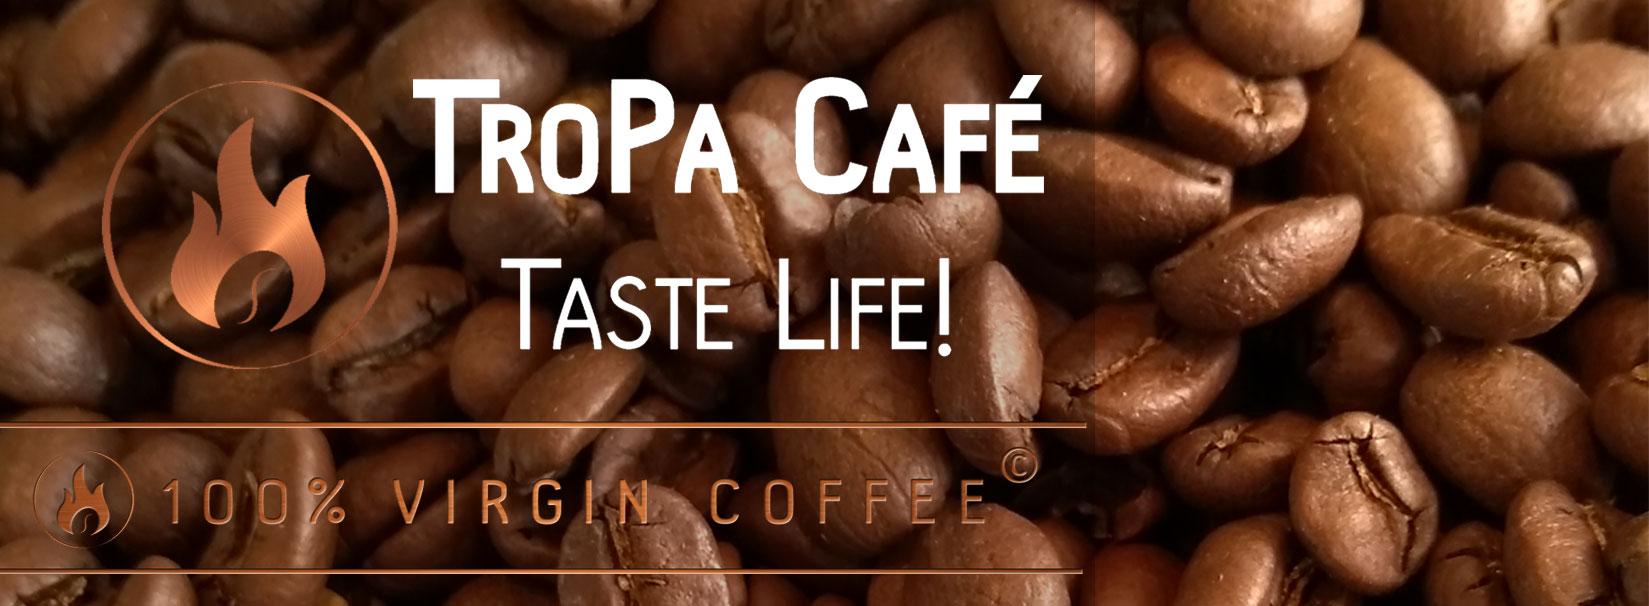 TroPa Café